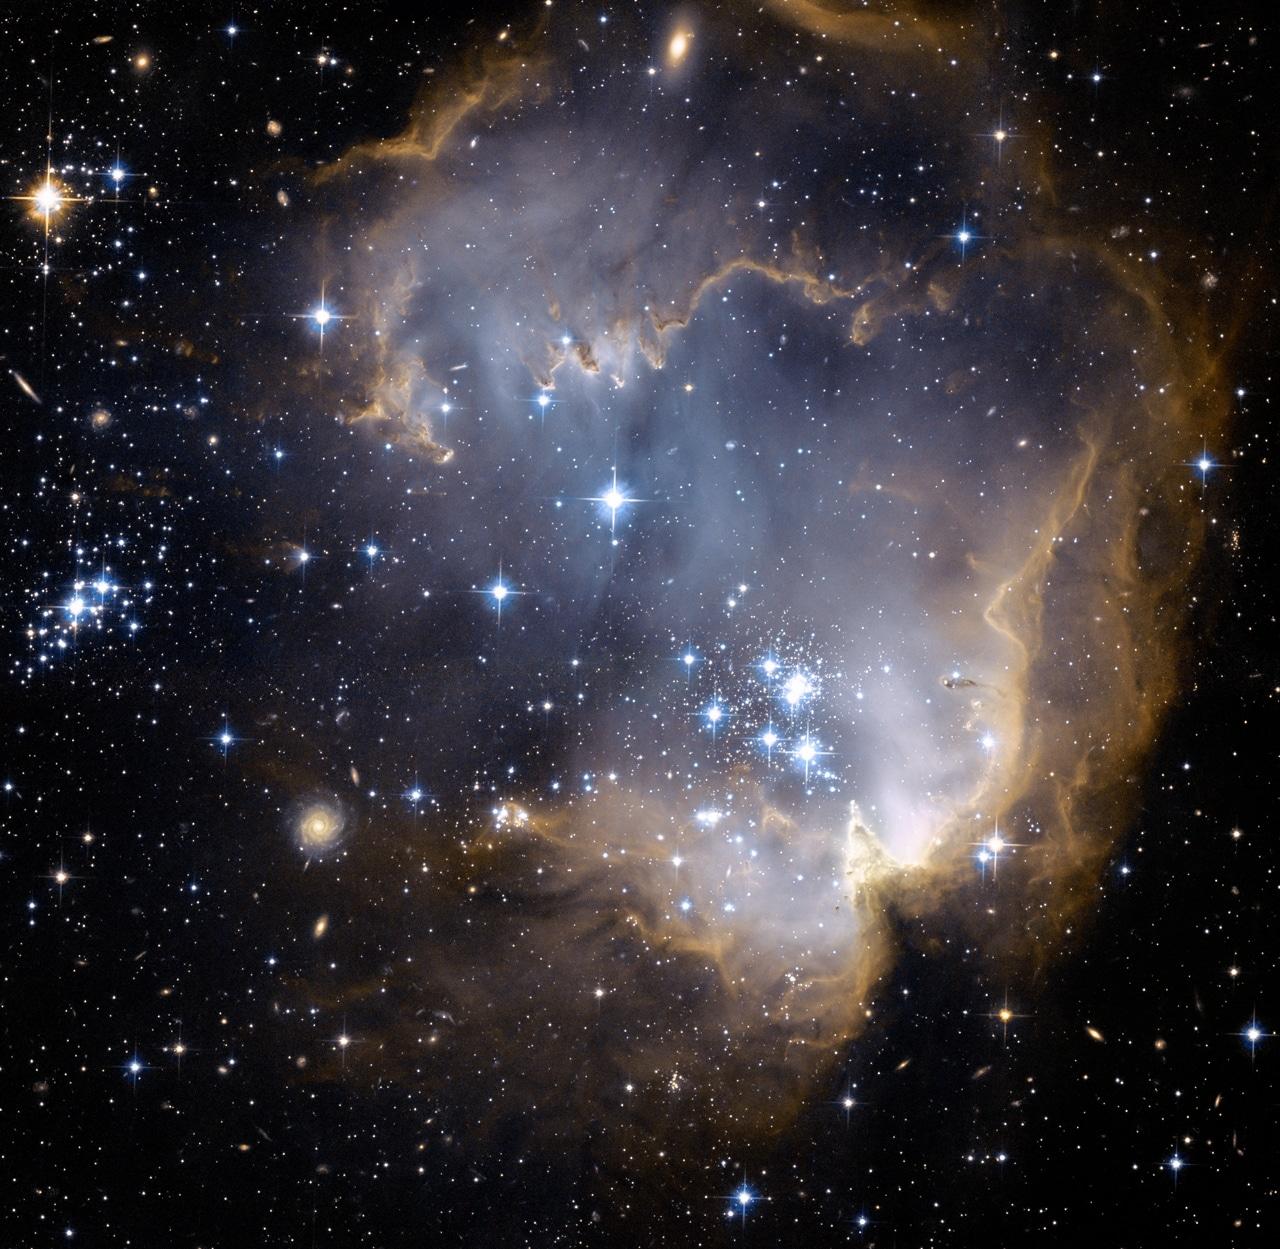 El polvo espacial podría transportar vida entre mundos